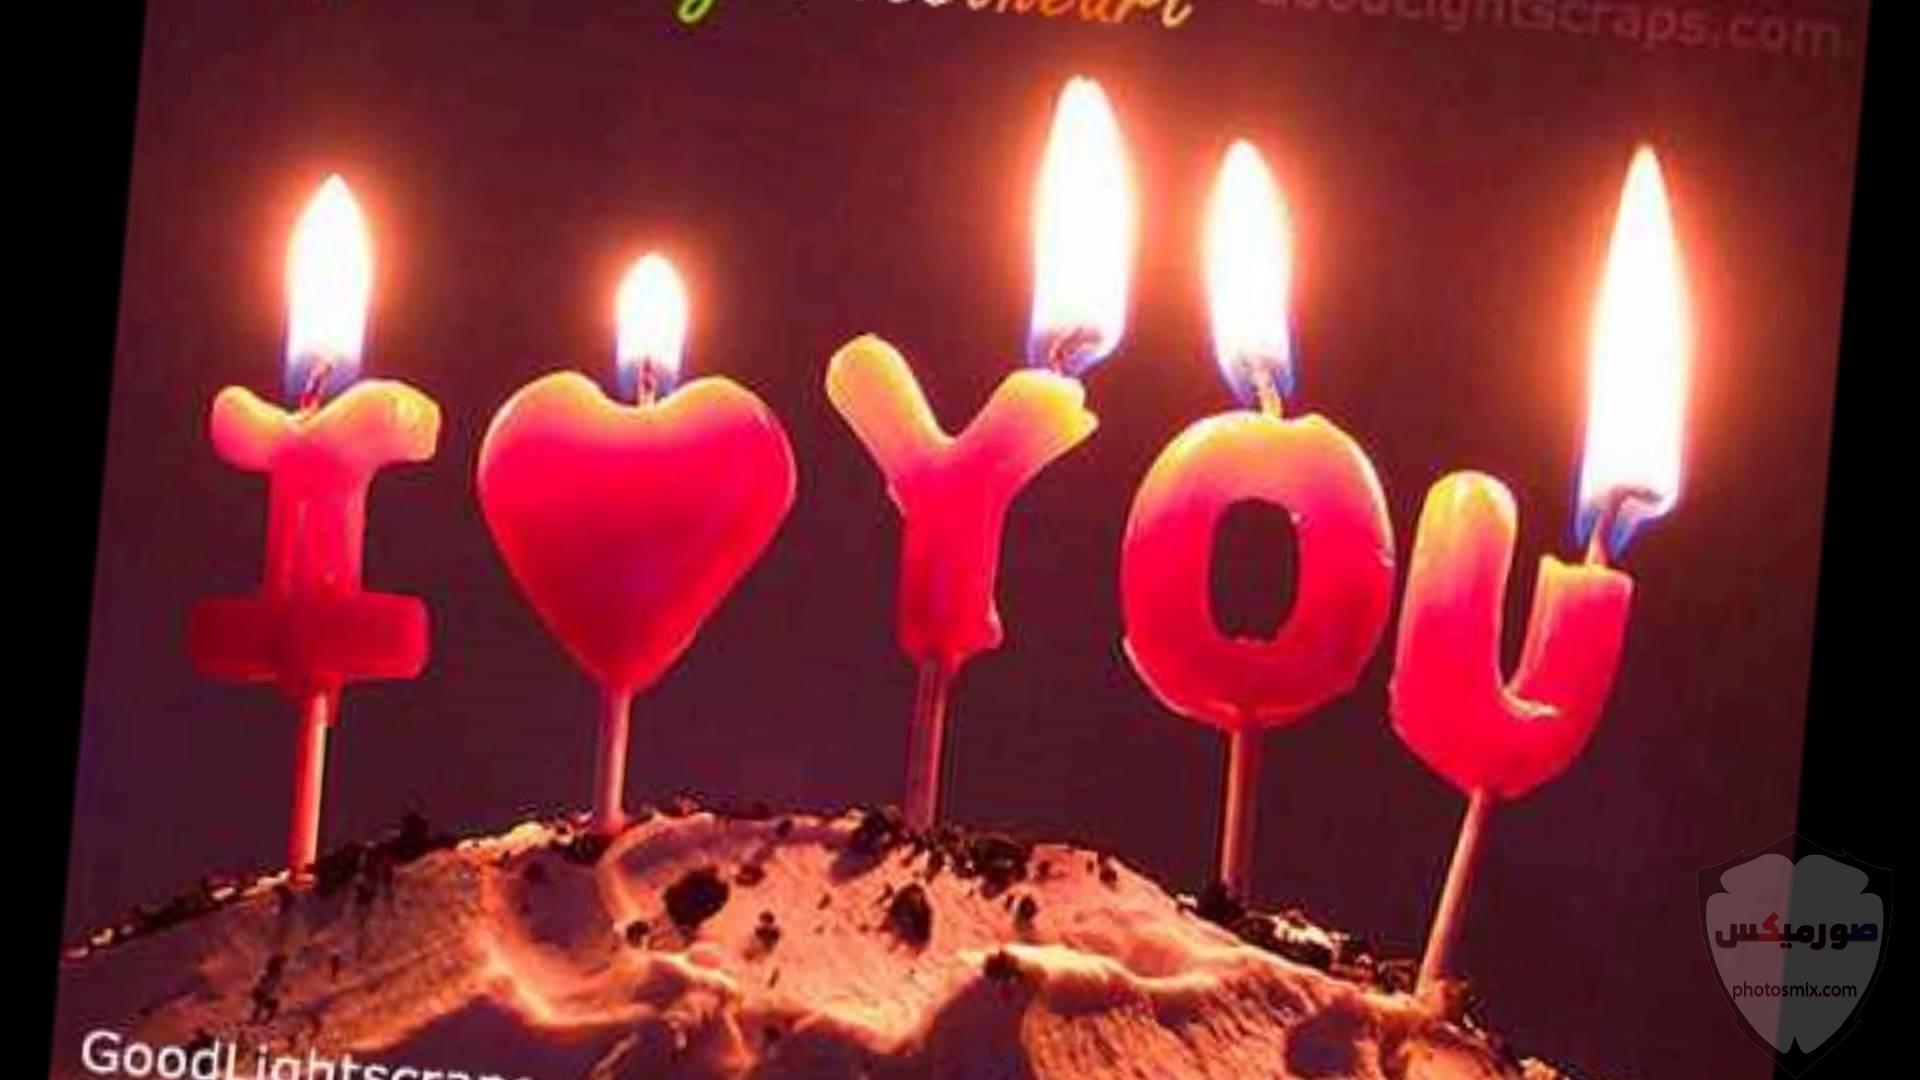 صور عيد ميلاد سعيد 2020 صور تورتة تهنئة لأعياد الميلاد 2021 صور happy birth day 20